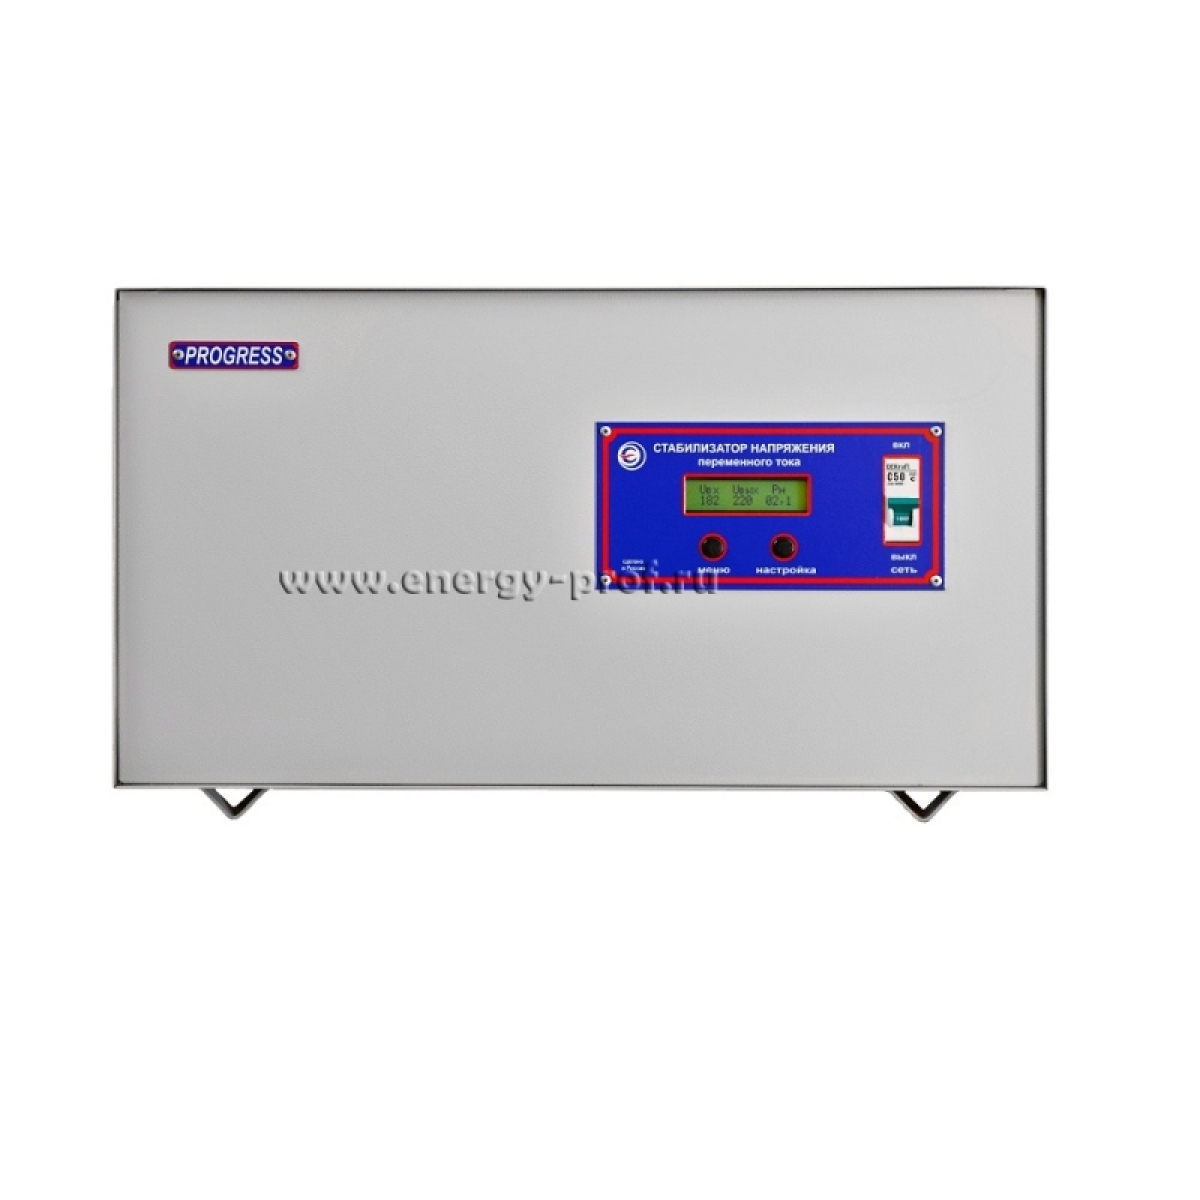 Однофазный стабилизатор PROGRESS 5000SL, вид спереди